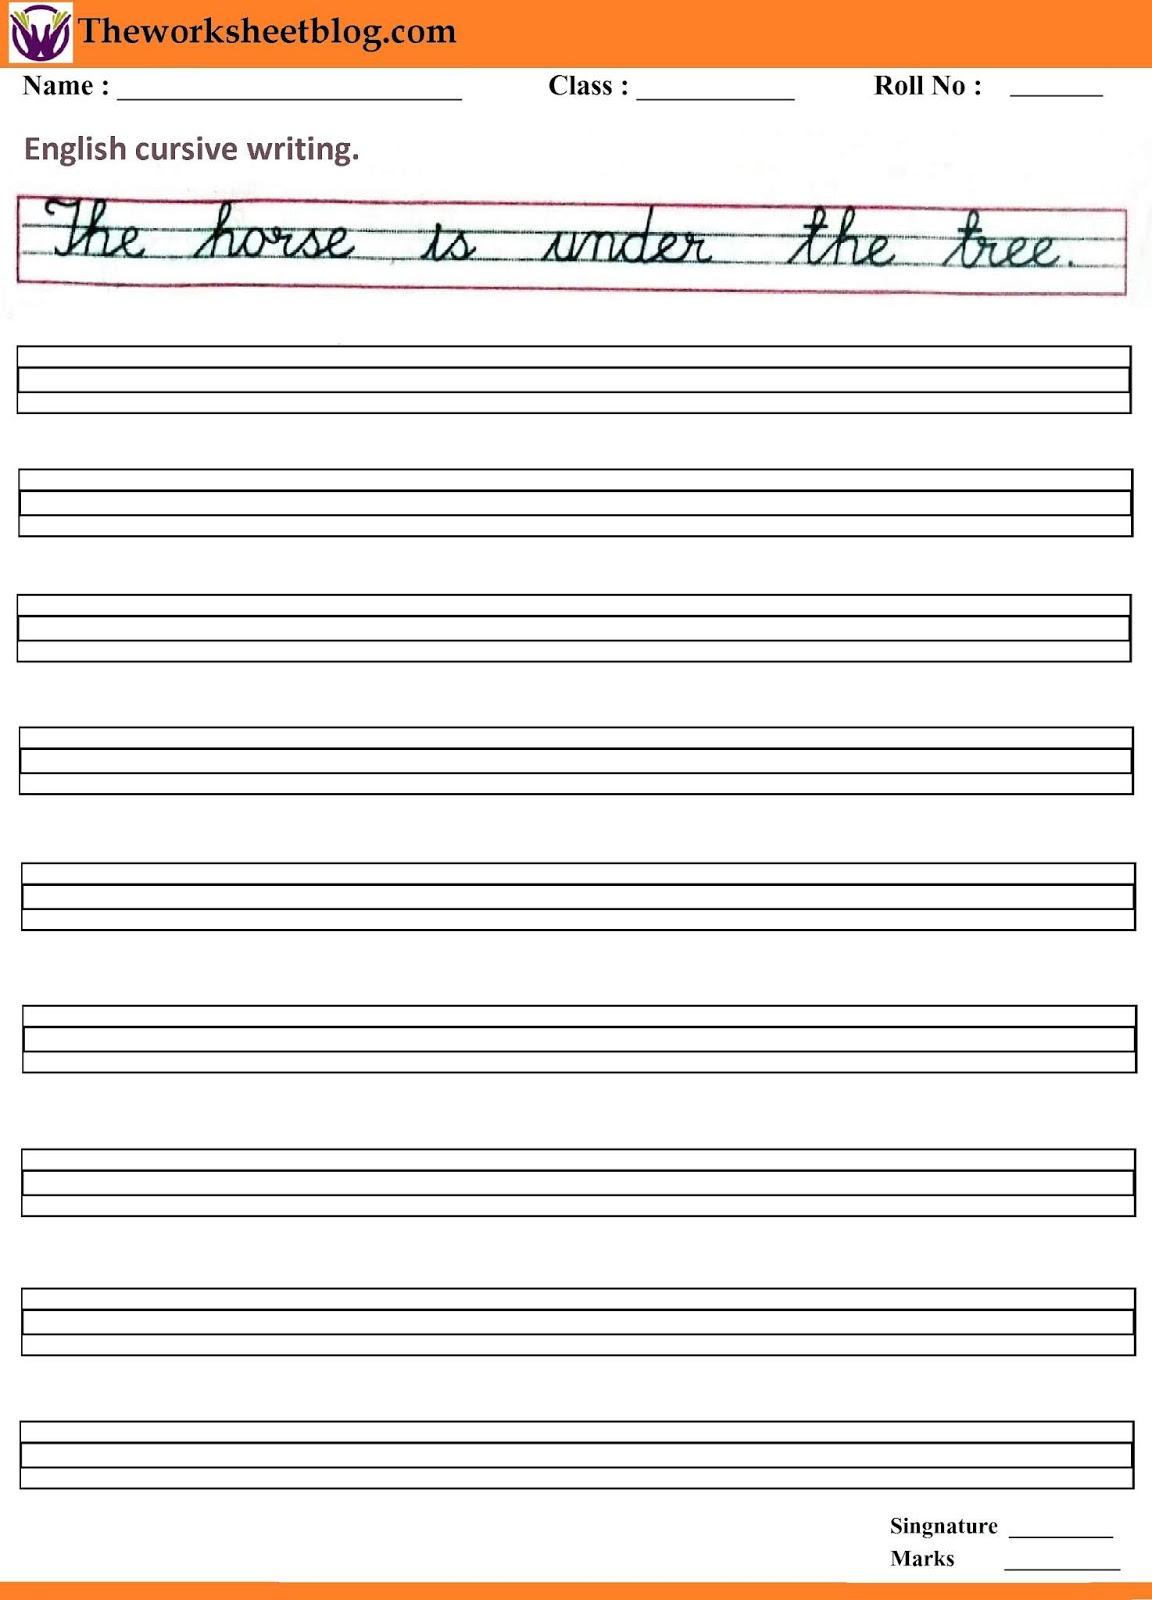 English Cursive Handwriting Worksheet